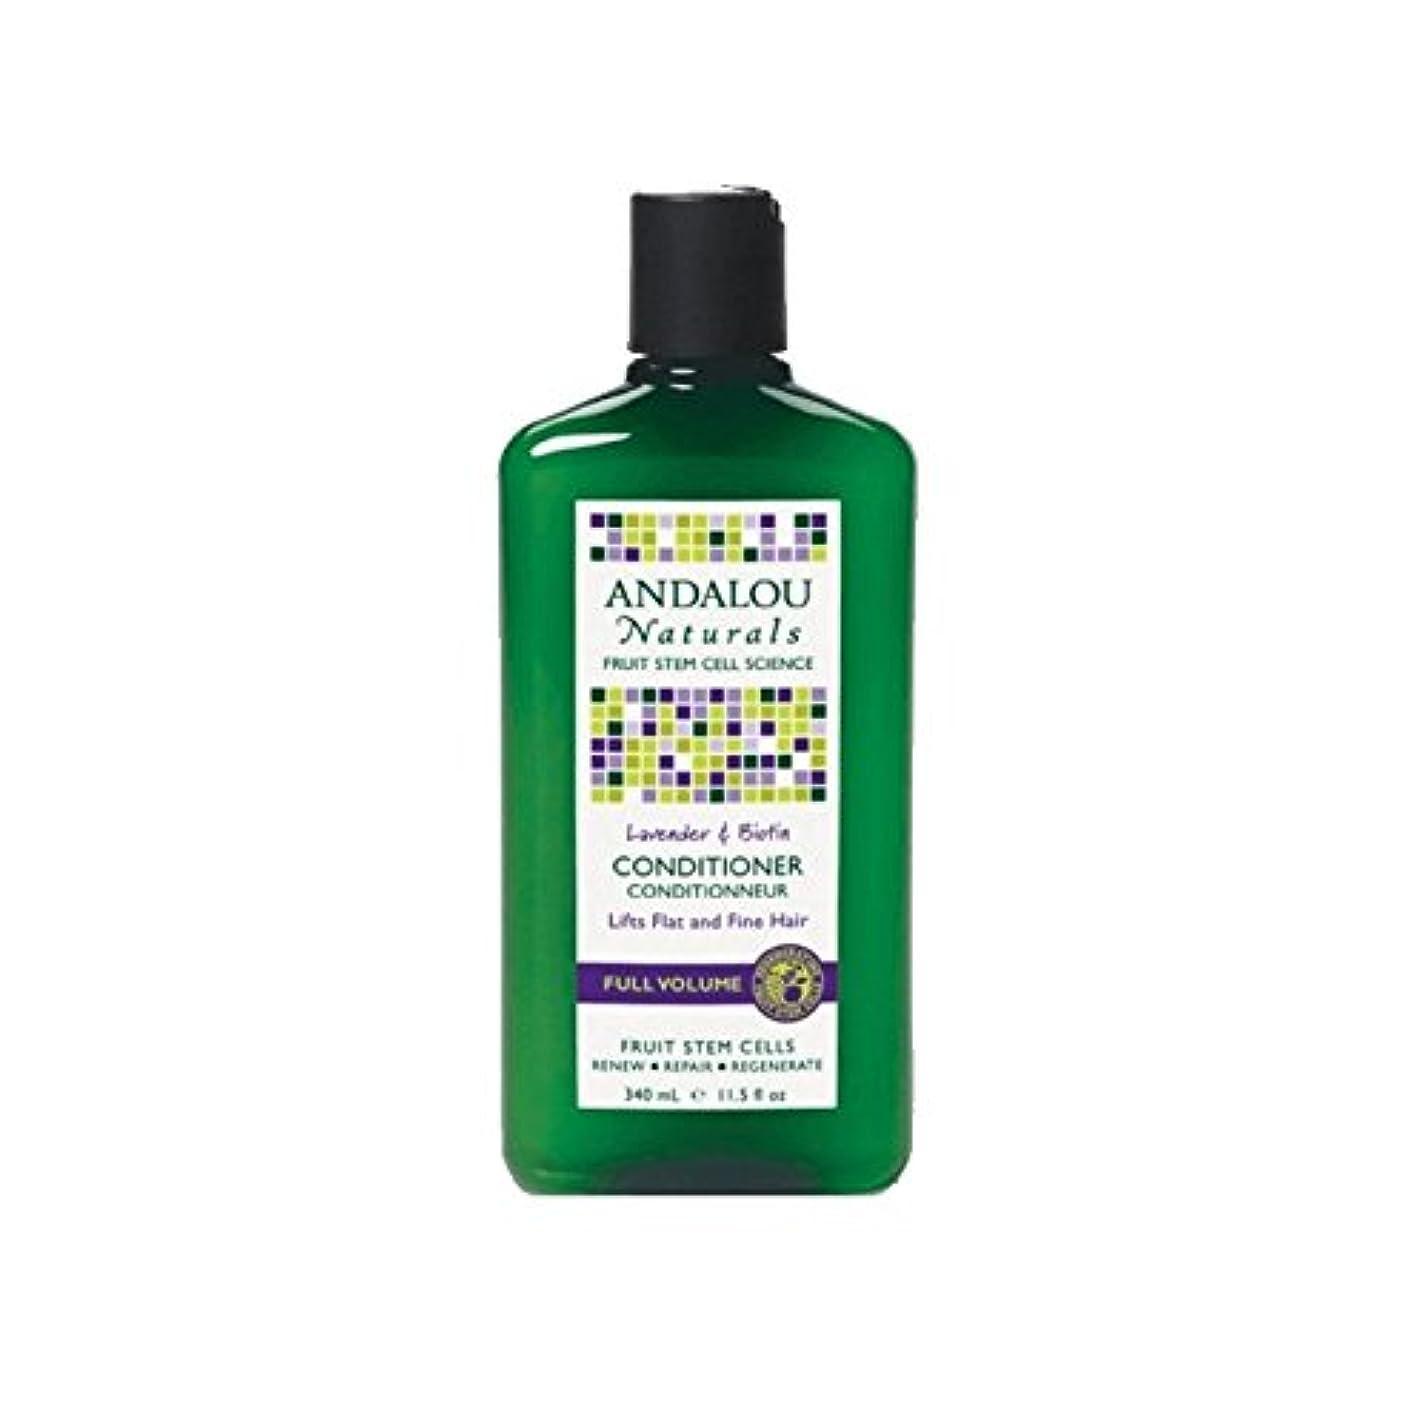 肉血色の良い自動車アンダロウラベンダー&ビオチンフルボリュームコンディショナー340ミリリットル - Andalou Lavender & Biotin Full Volume Conditioner 340ml (Andalou) [並行輸入品]